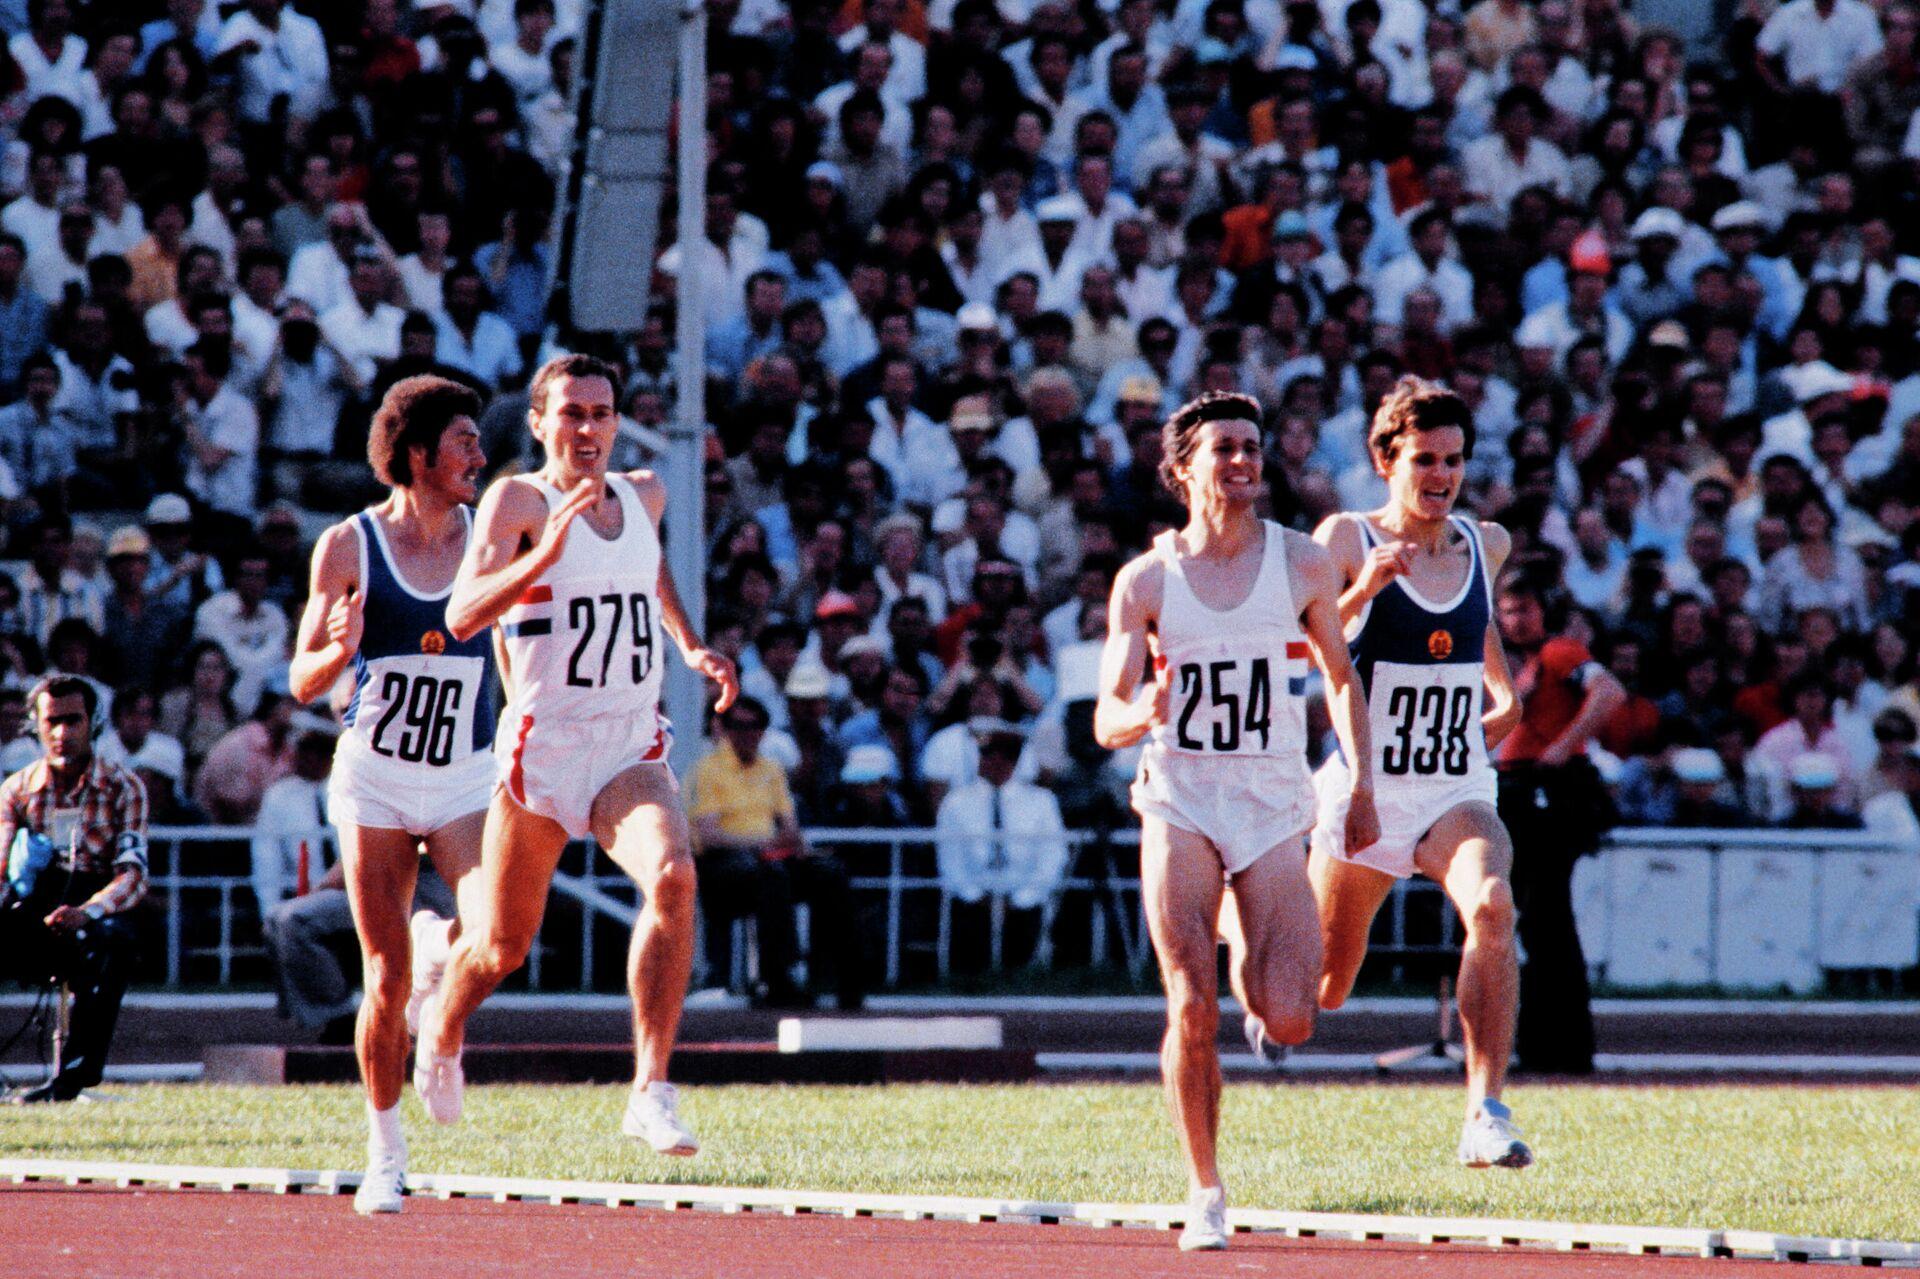 Себастьян Коэ (второй справа) и Стив Оветт (второй слева) на финальном забеге на 1500 метров на Олимпийских играх 1980 года в Москве - РИА Новости, 1920, 16.07.2021